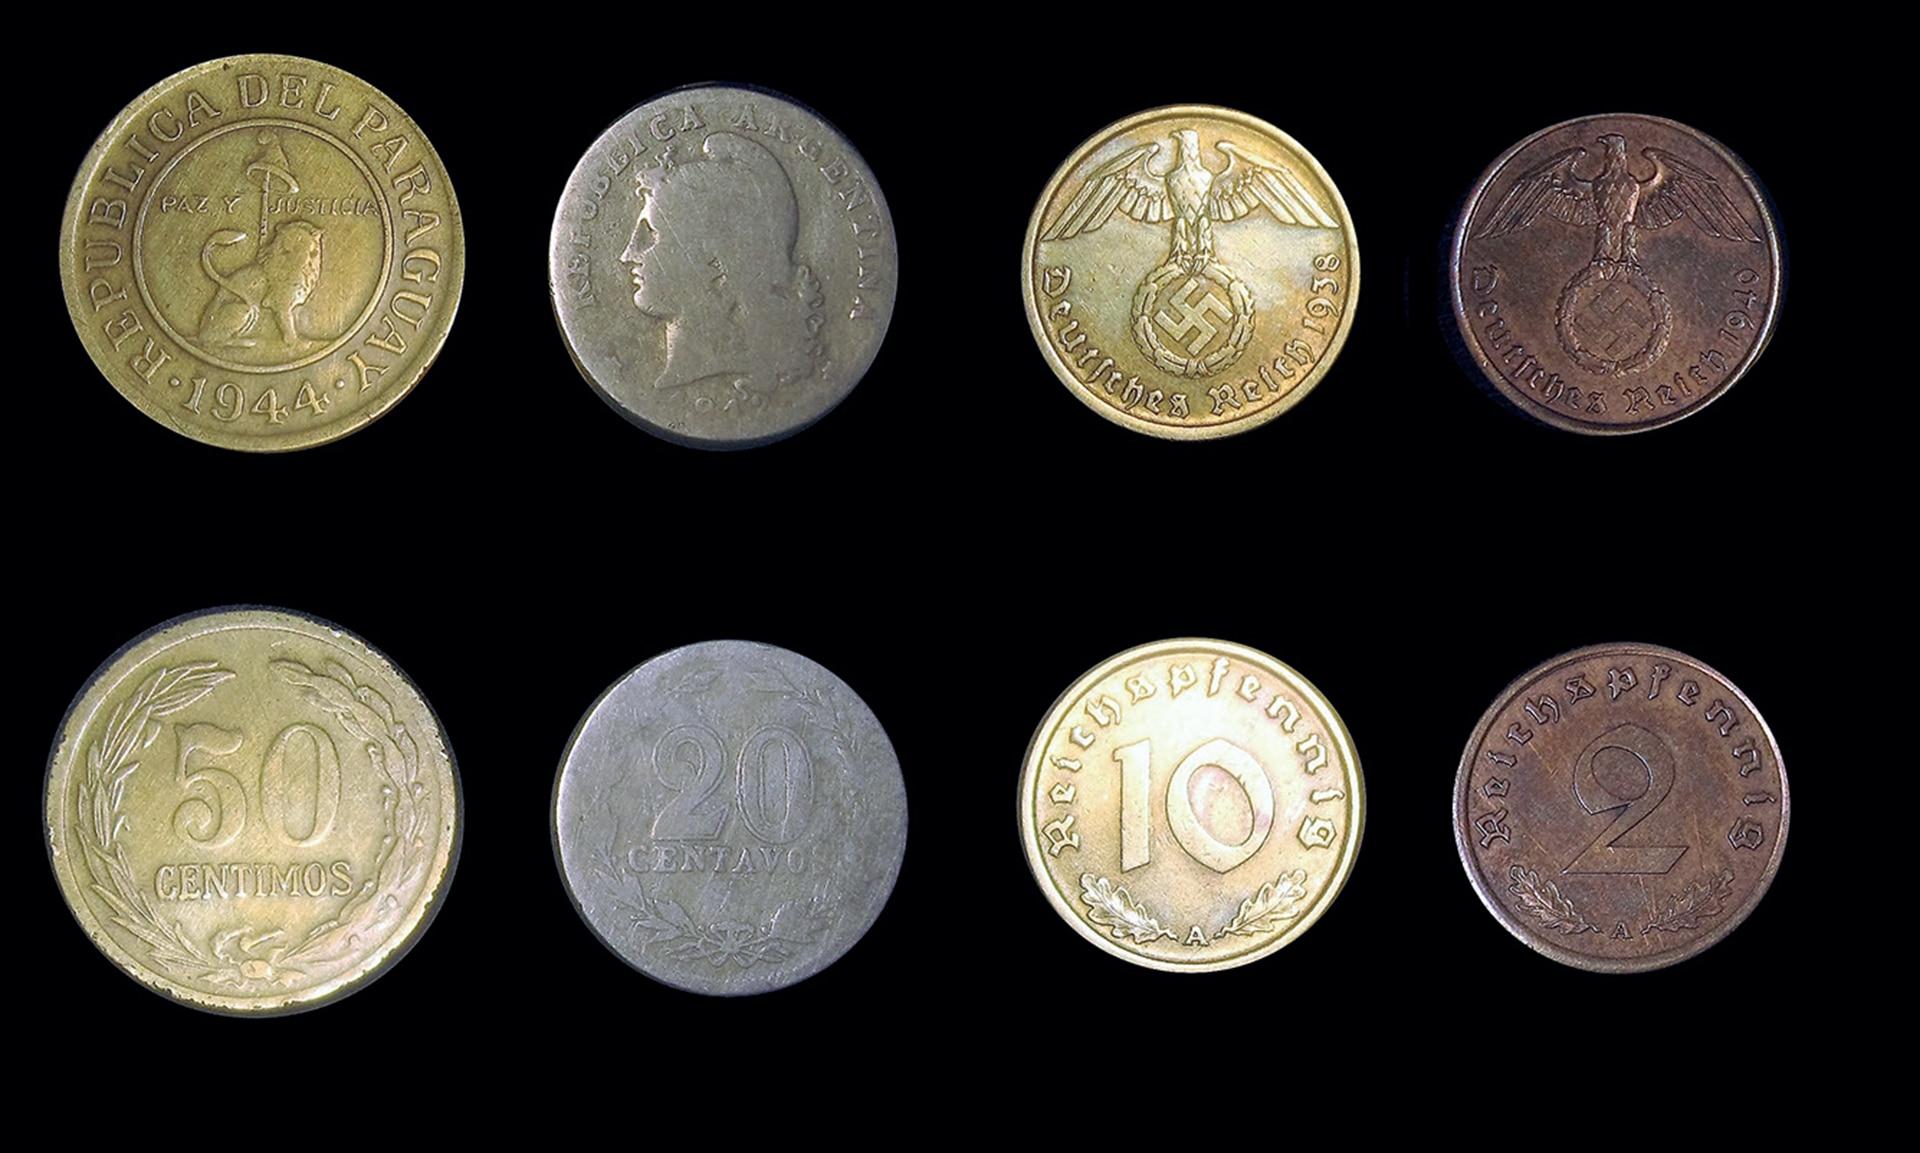 Parte de la colección de monedas encontradas